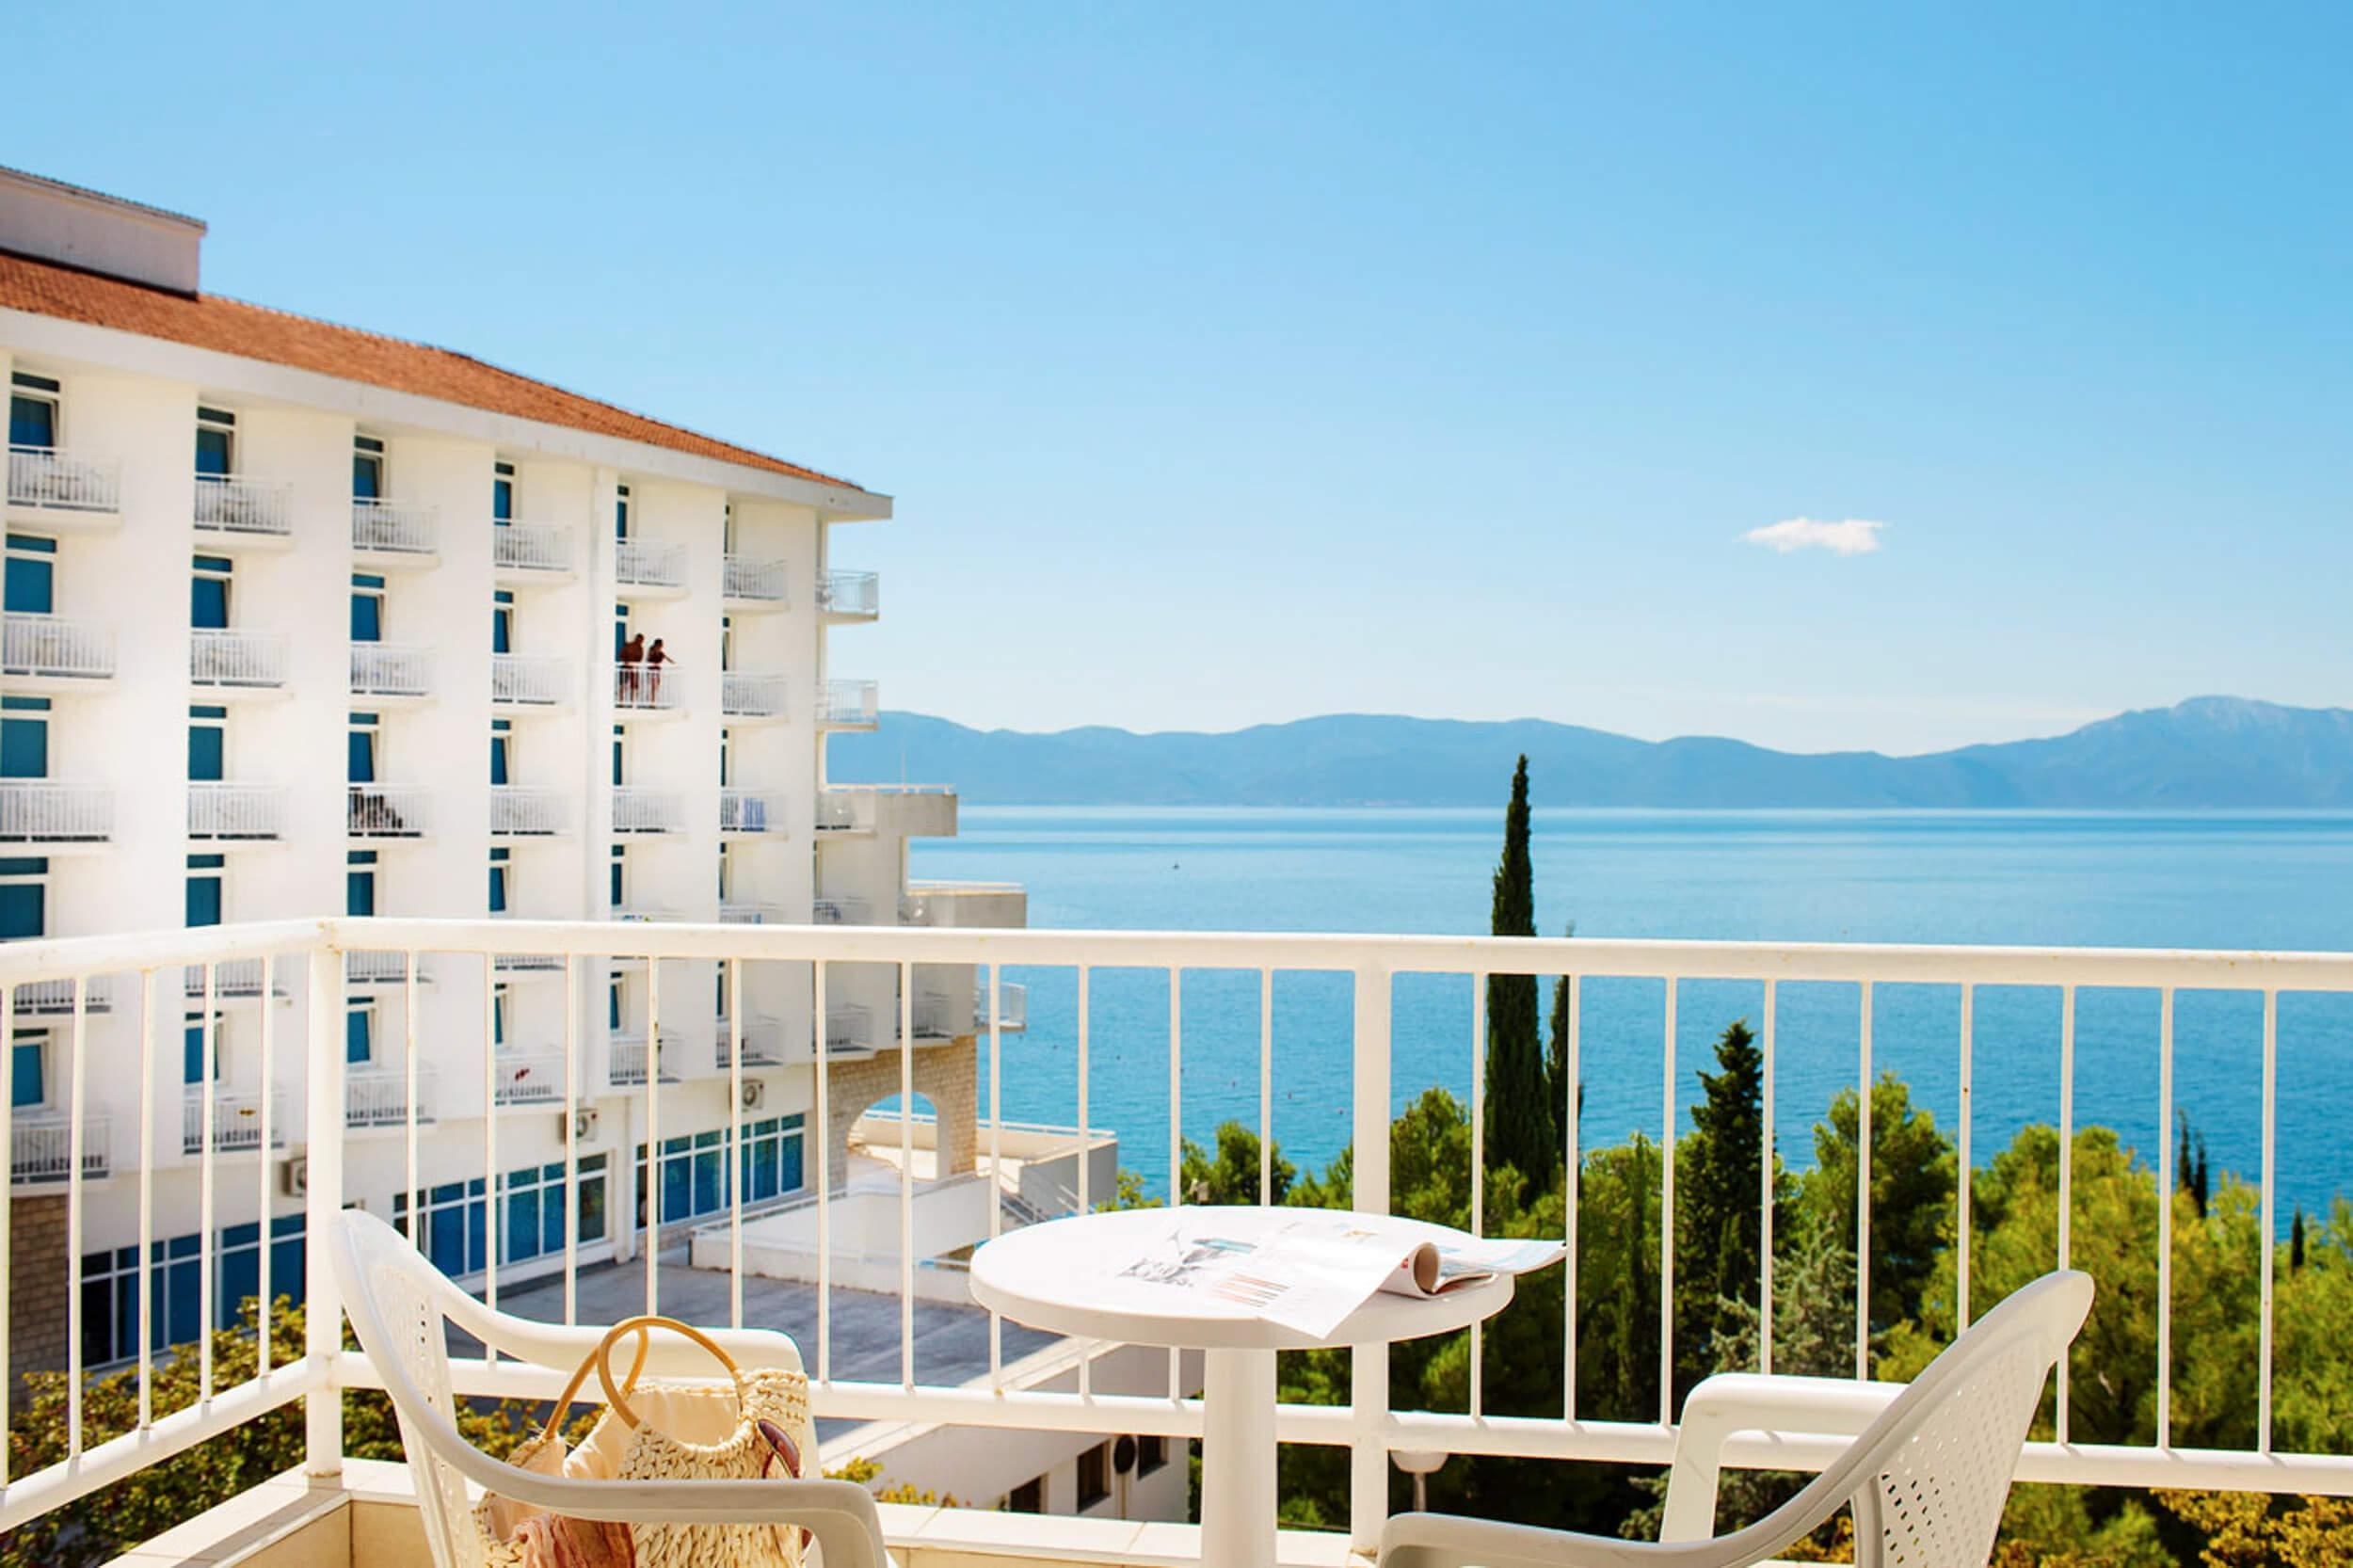 54_Premier balcony